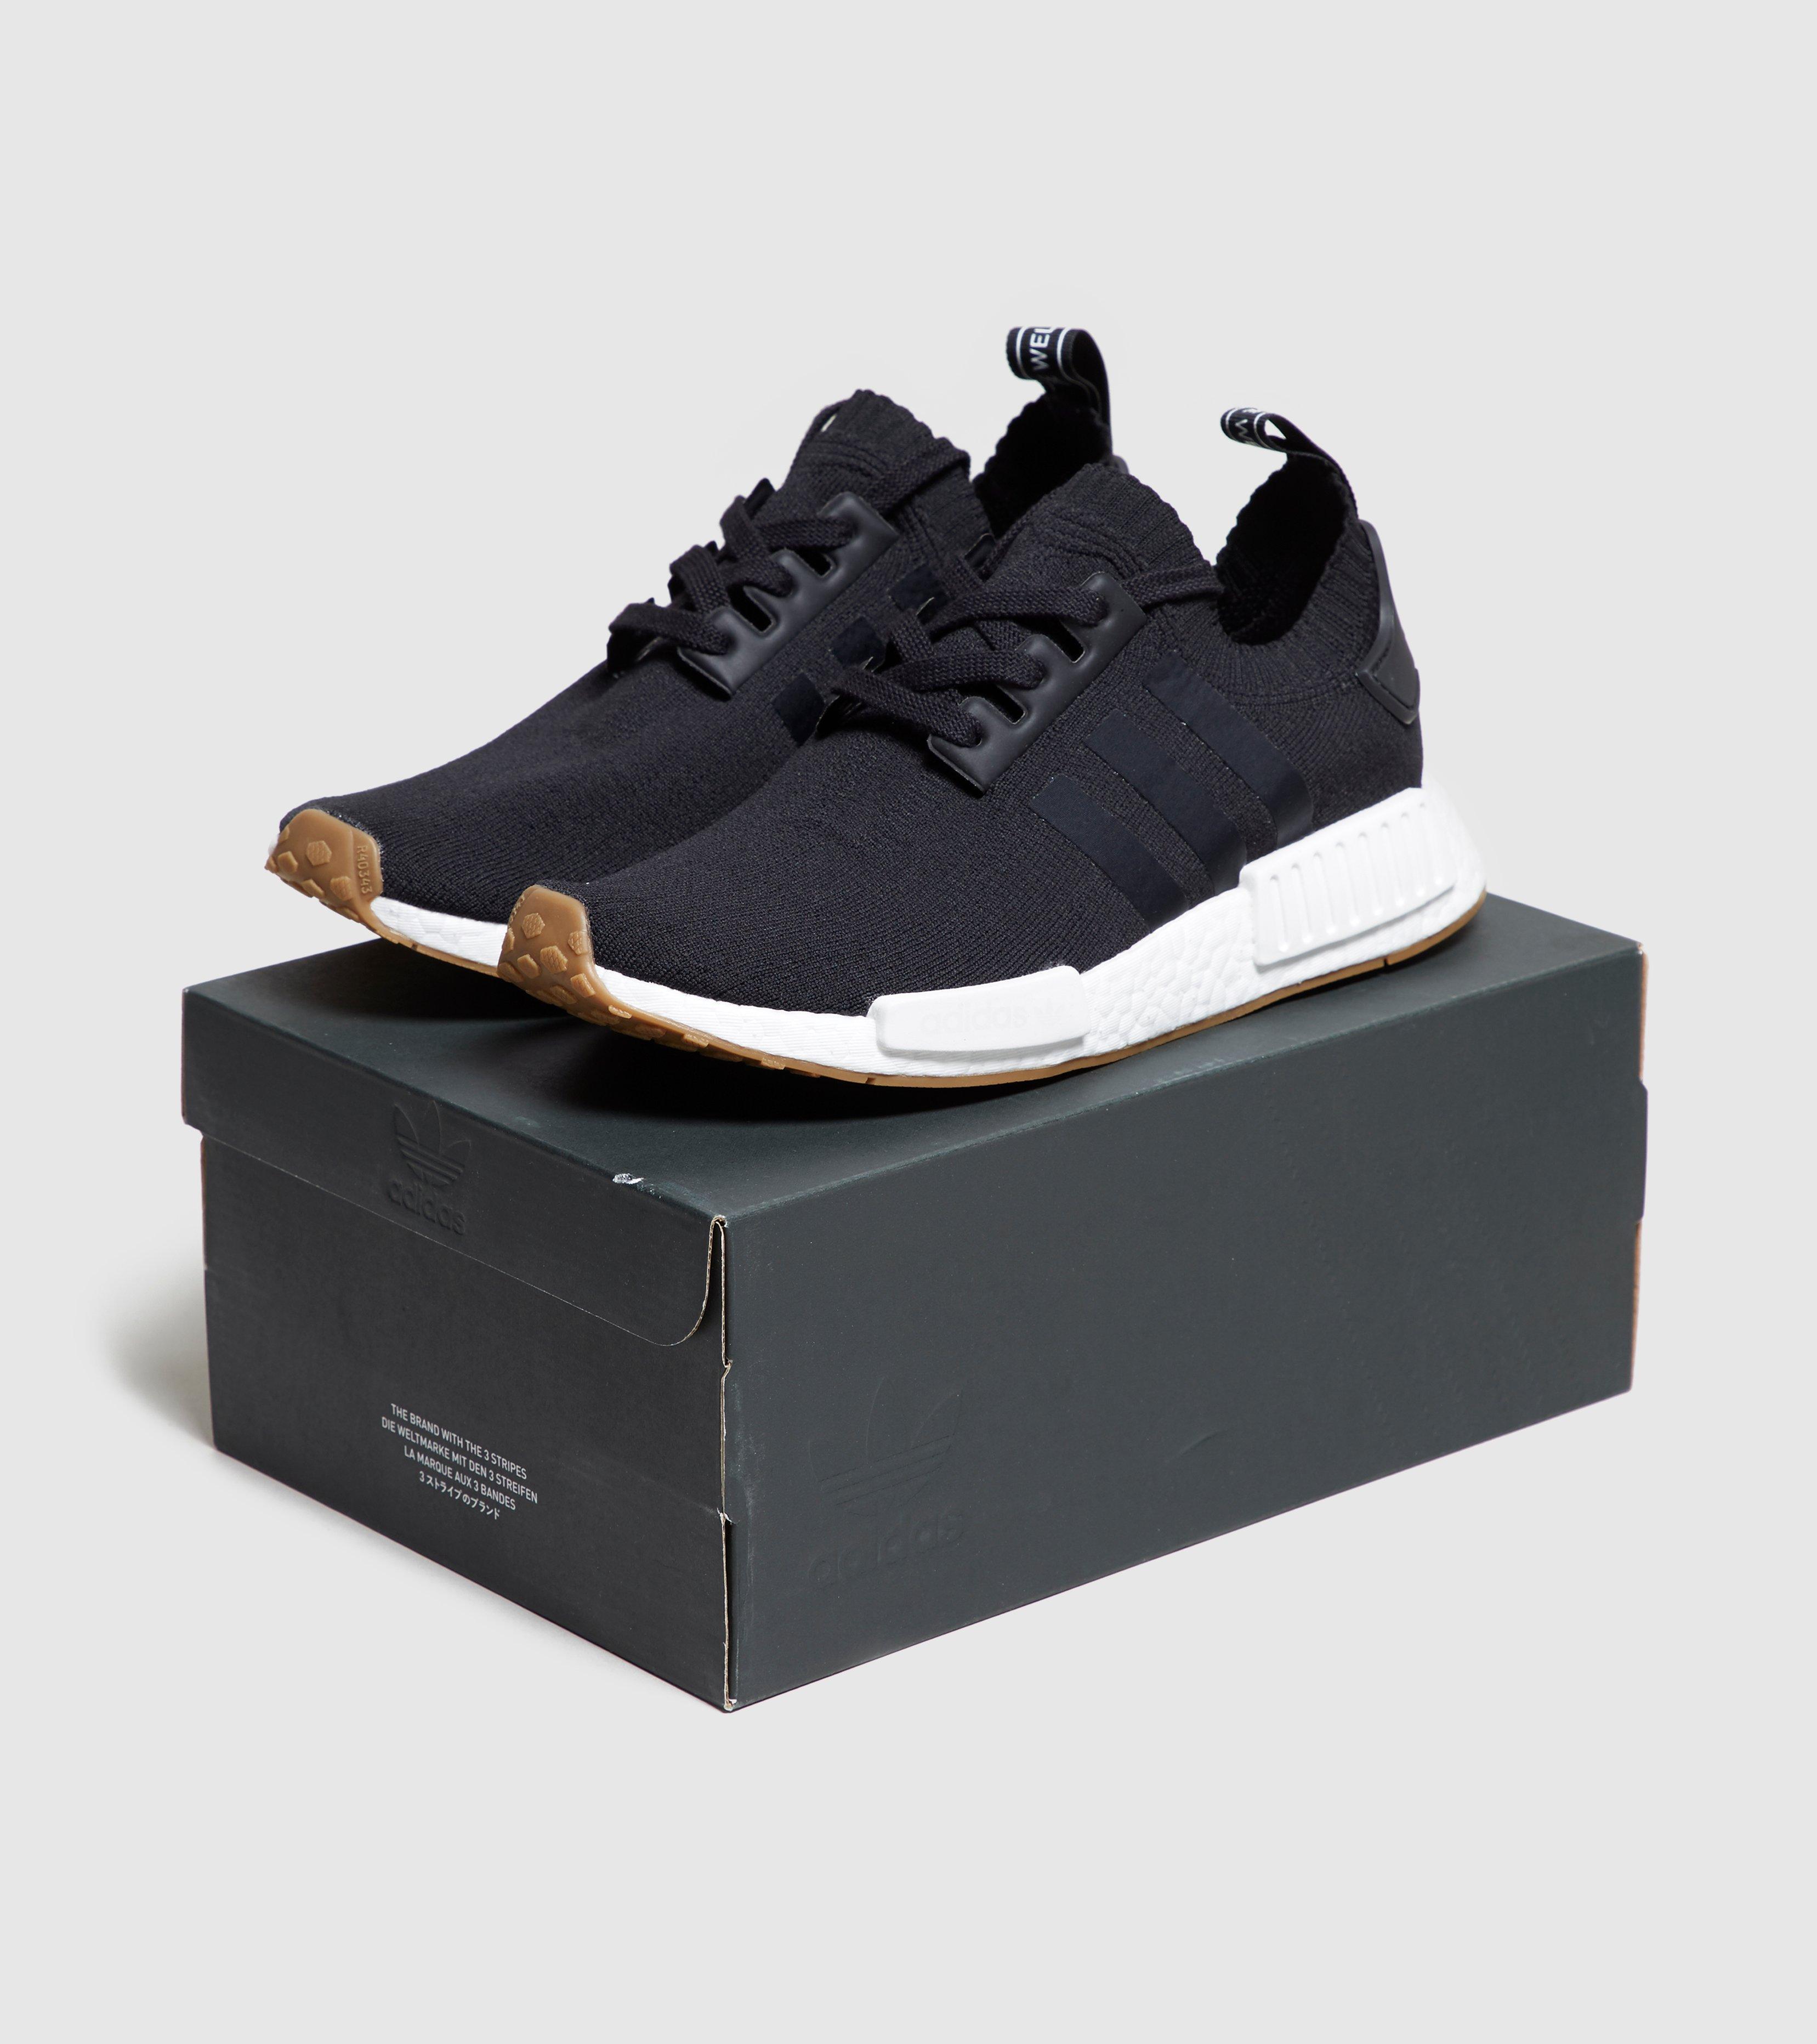 54119c749 Lyst - adidas Originals Nmd r1 Primeknit in Black for Men